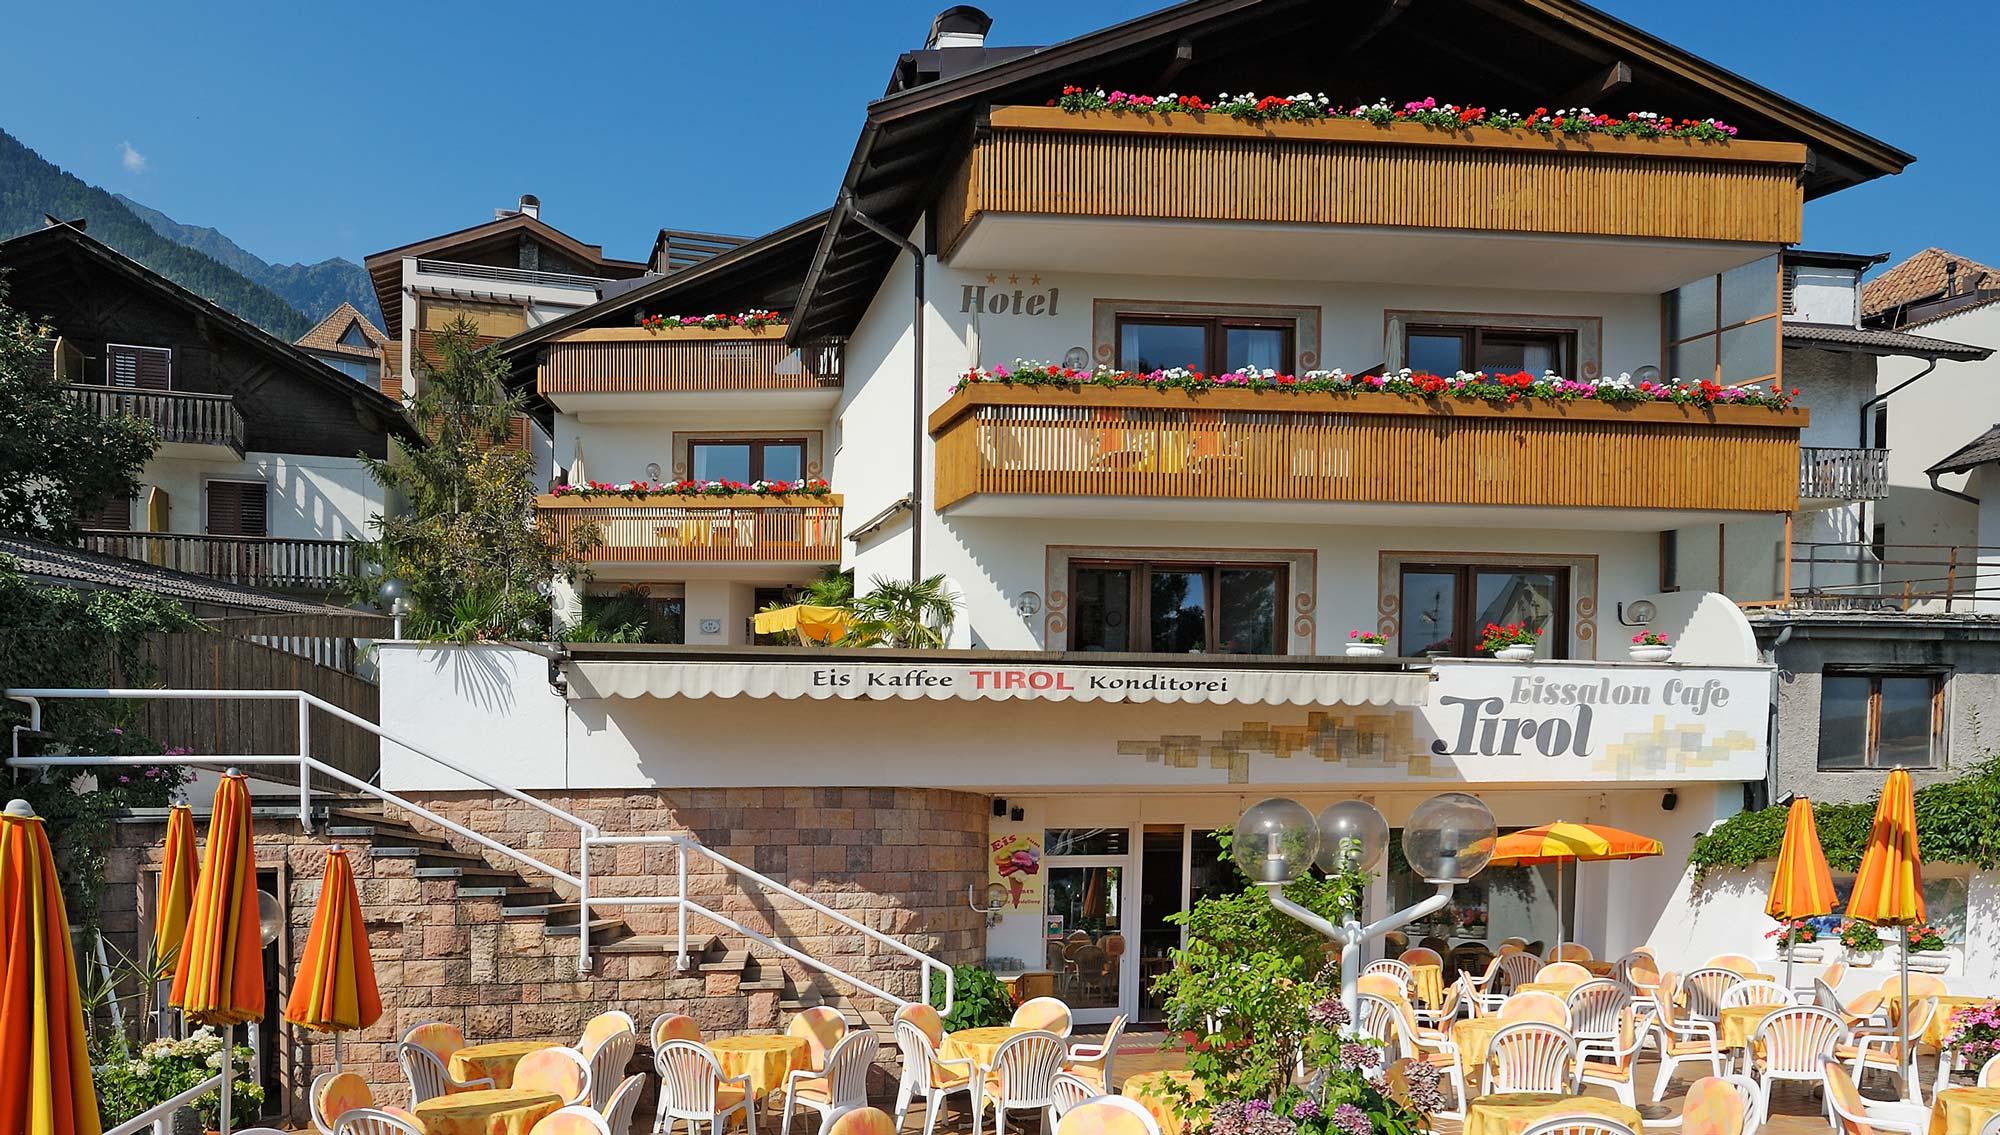 Hotel tirol in dorf tirol bei meran in s dtirol for Design hotel dorf tirol